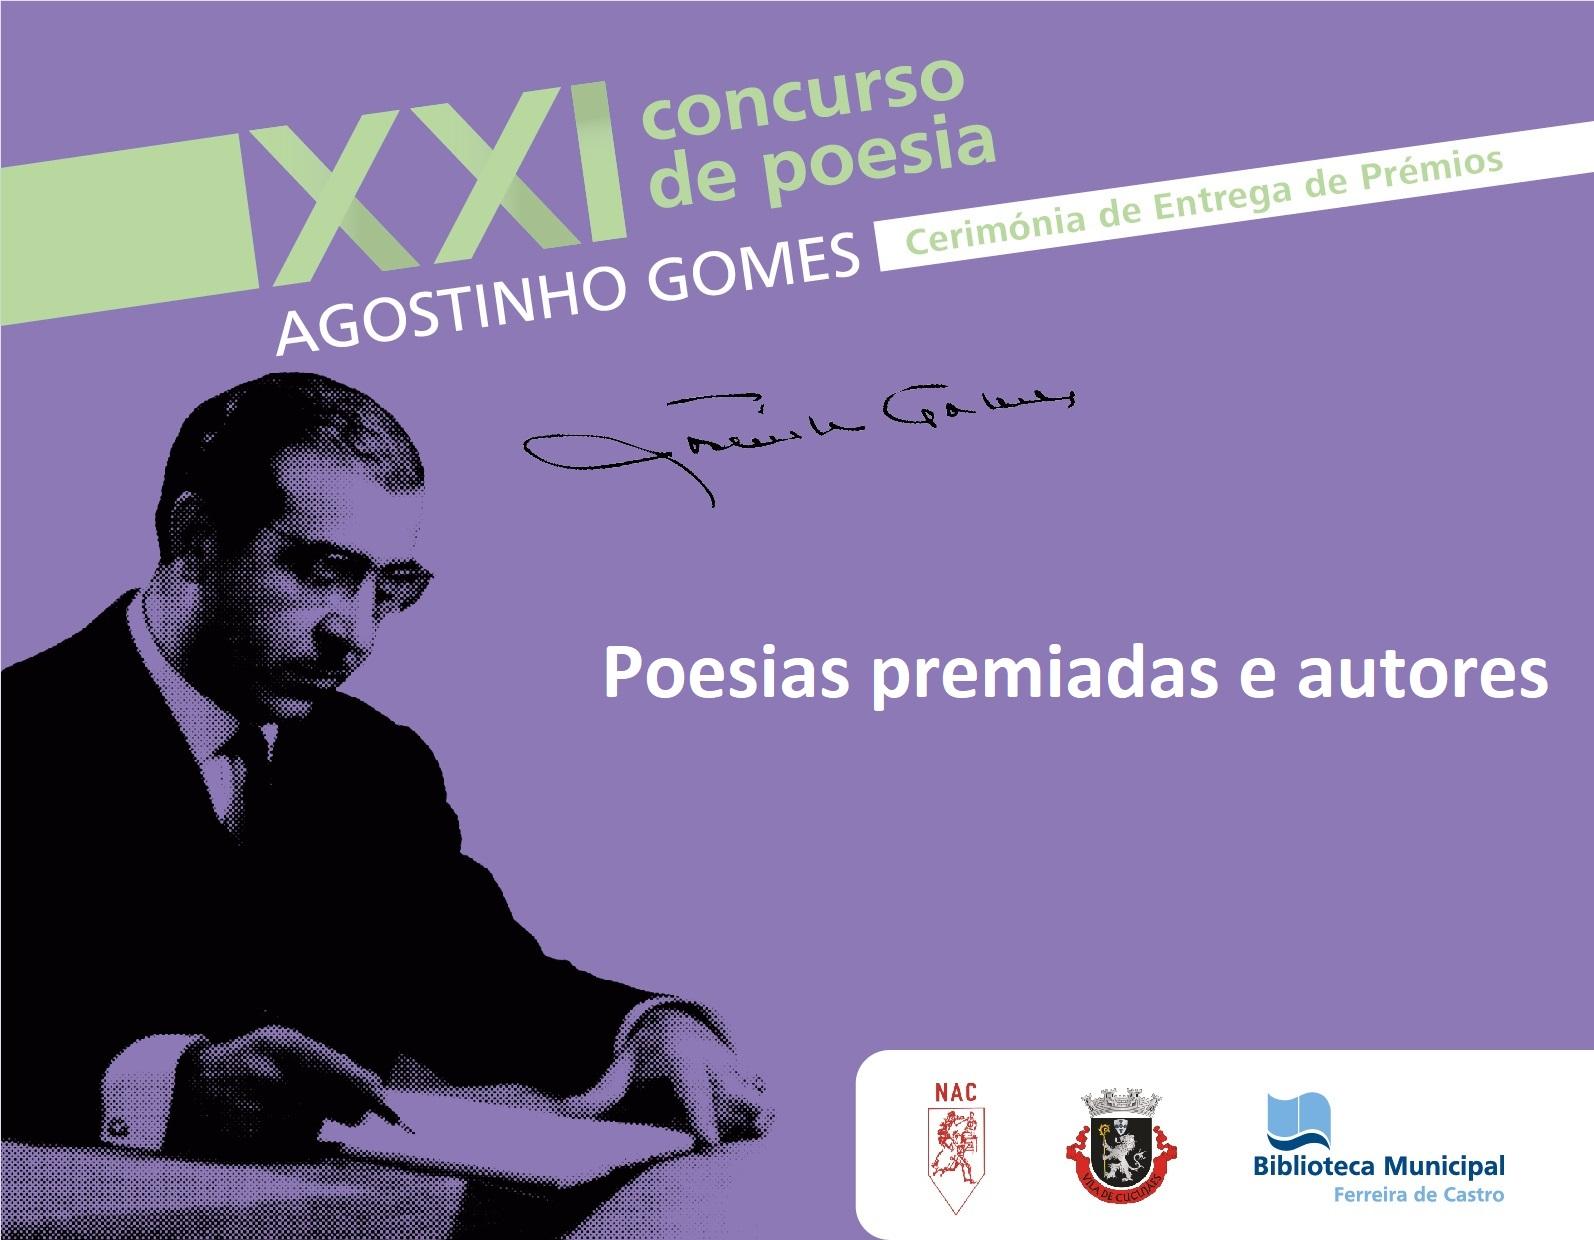 Poesias premiadas - concurso de poesia Agostinho Gomes